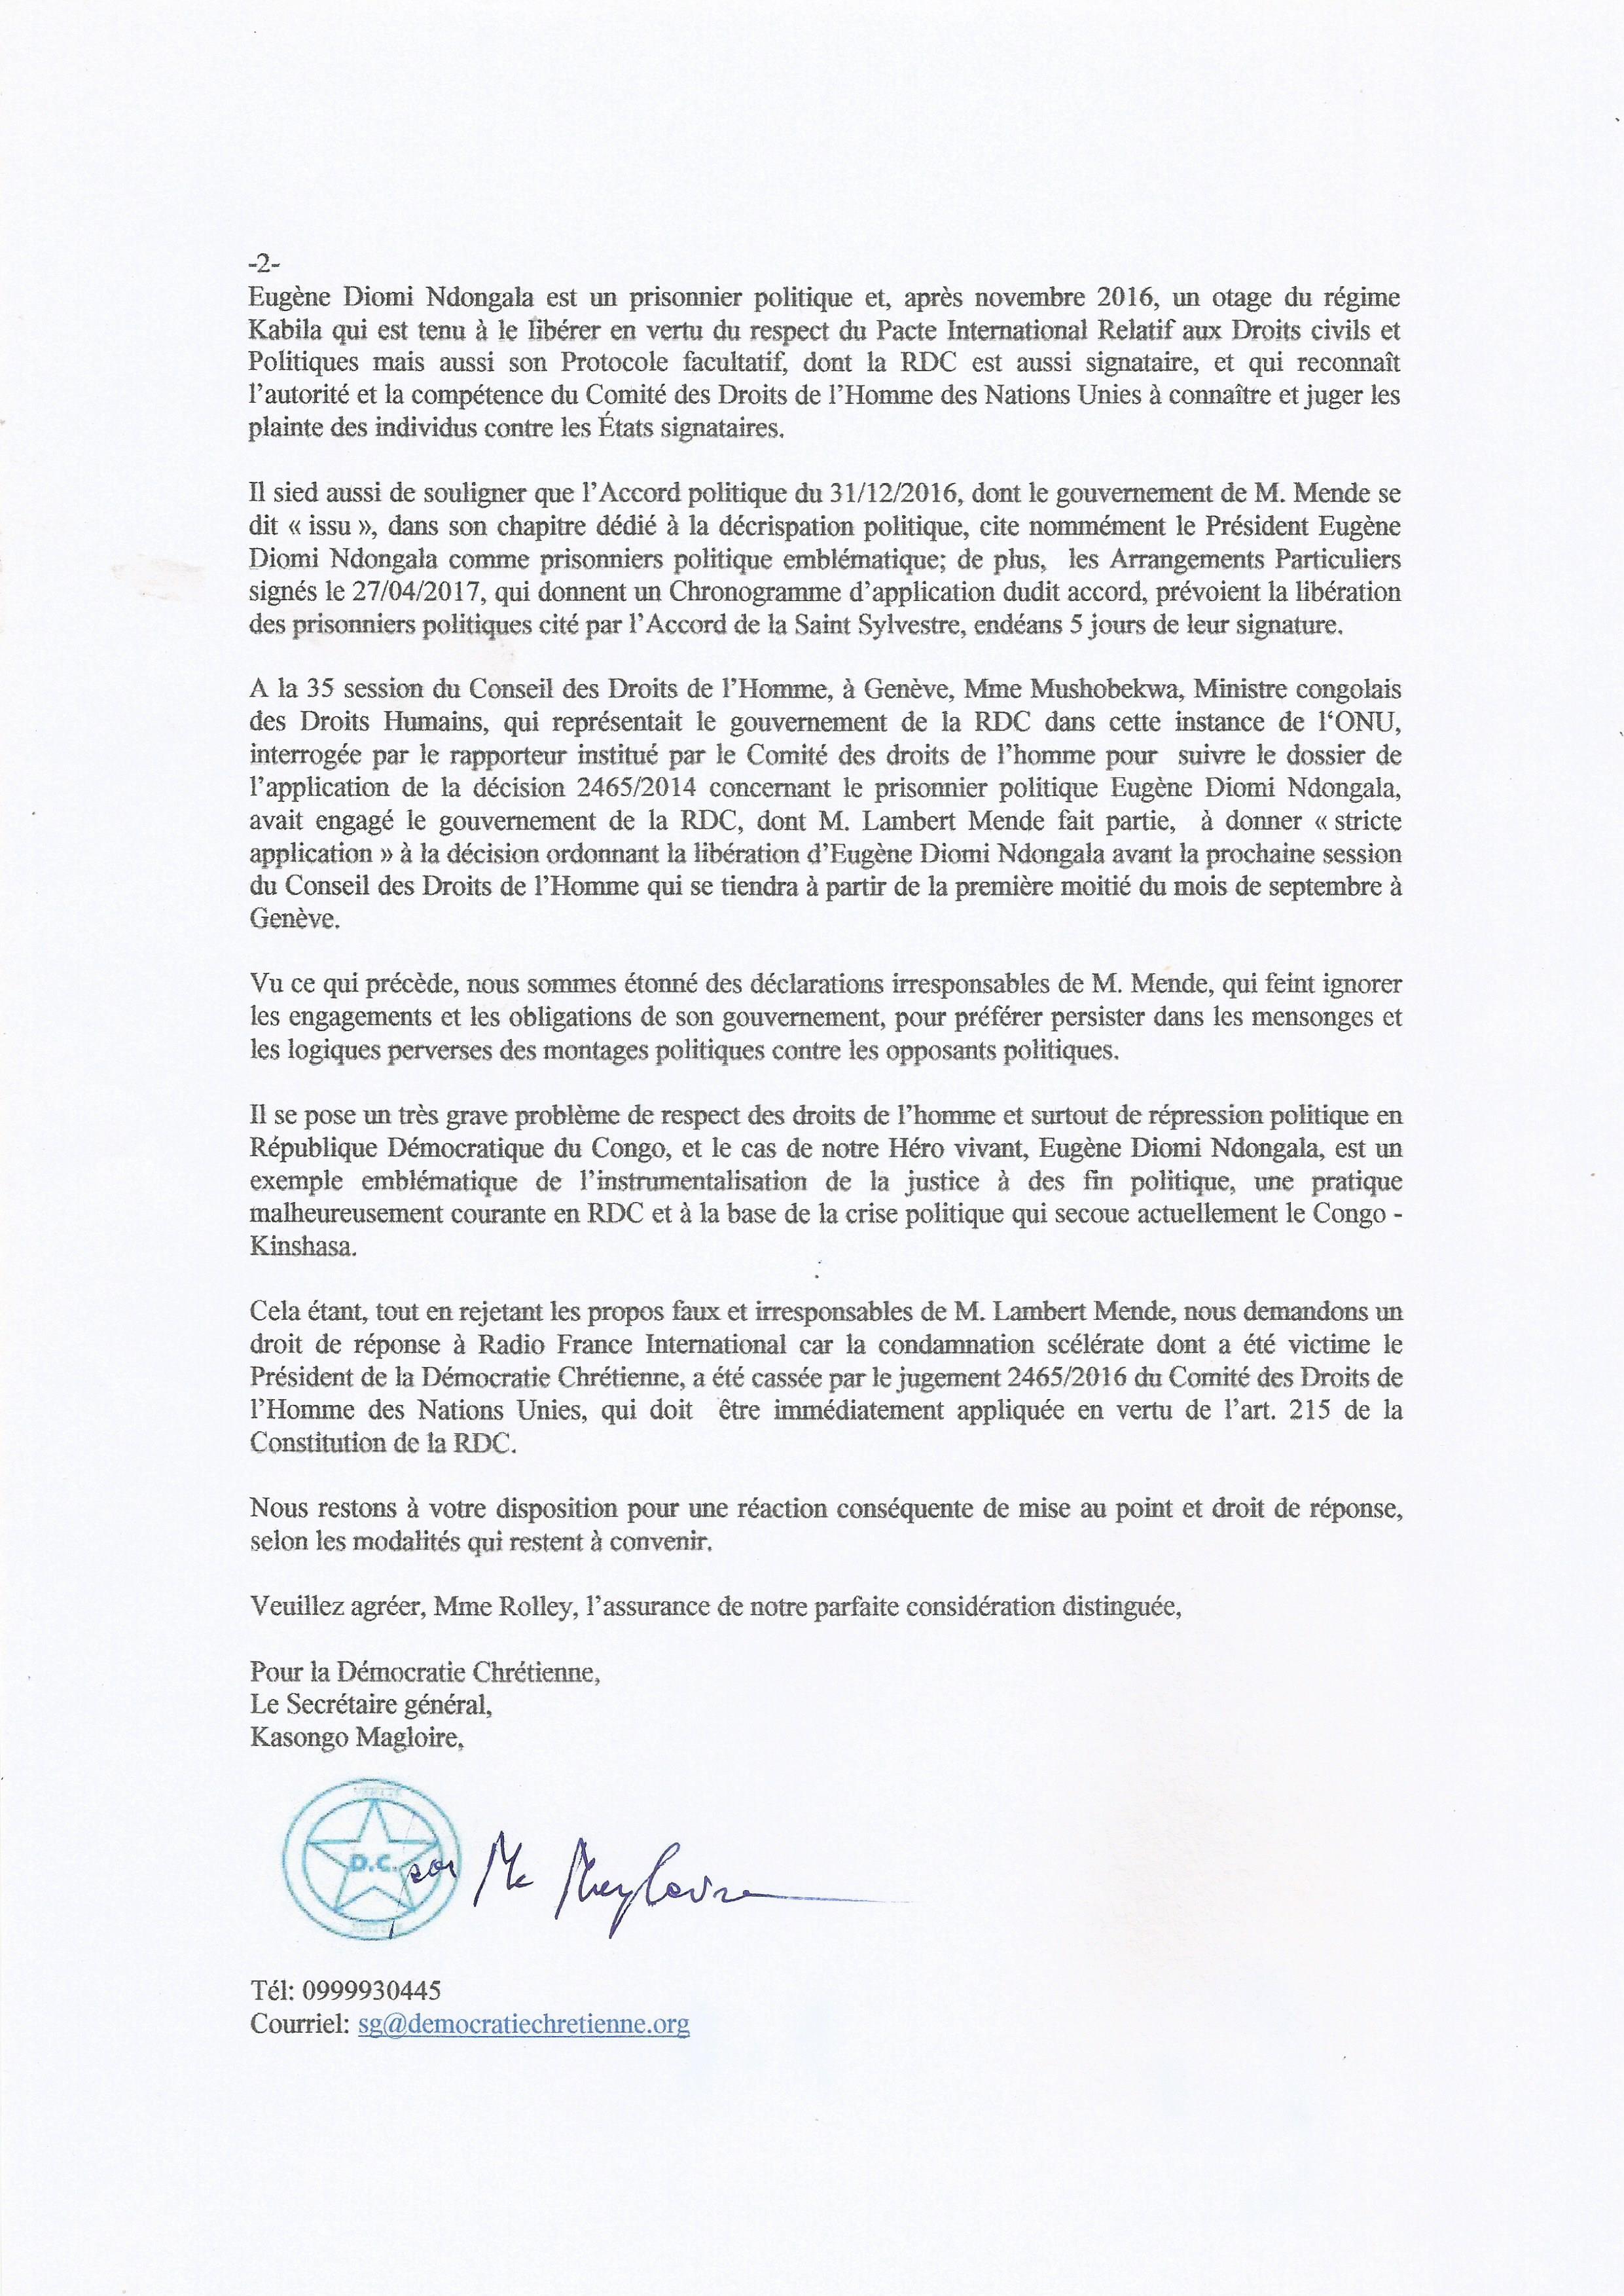 lettre a rfi 300817 2